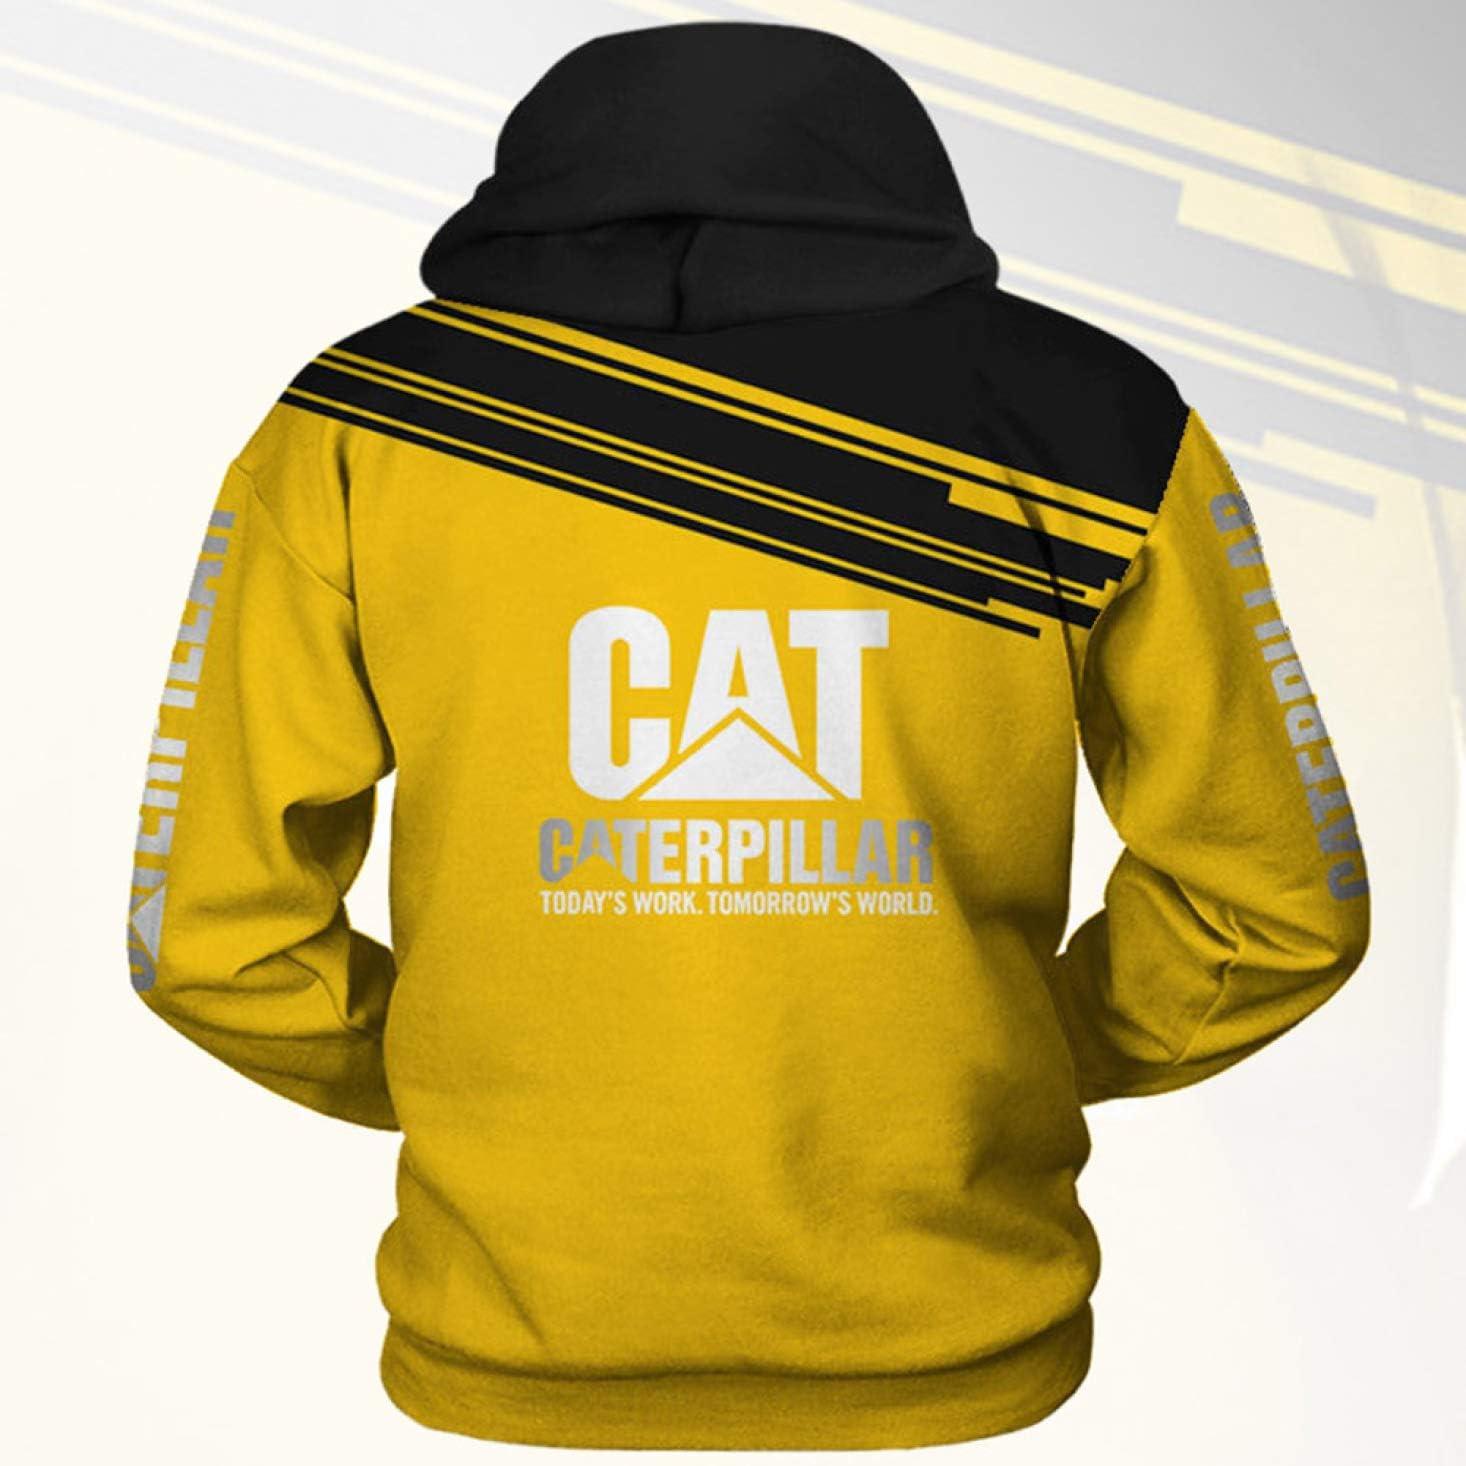 Manga Larga Estampada con Logotipo de Caterpillar Sudadera con Capucha para Hombre RALC 2020 Caterpillar